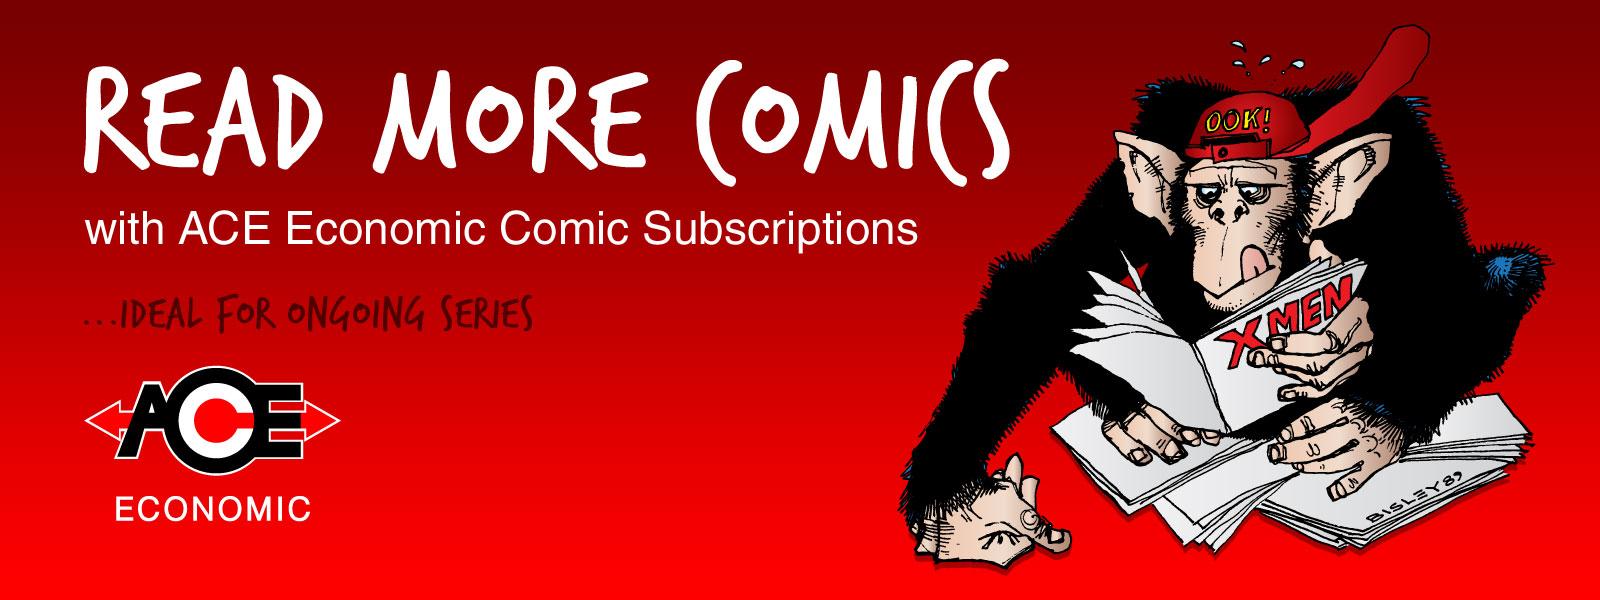 ACE Economic Comic Subscriptions